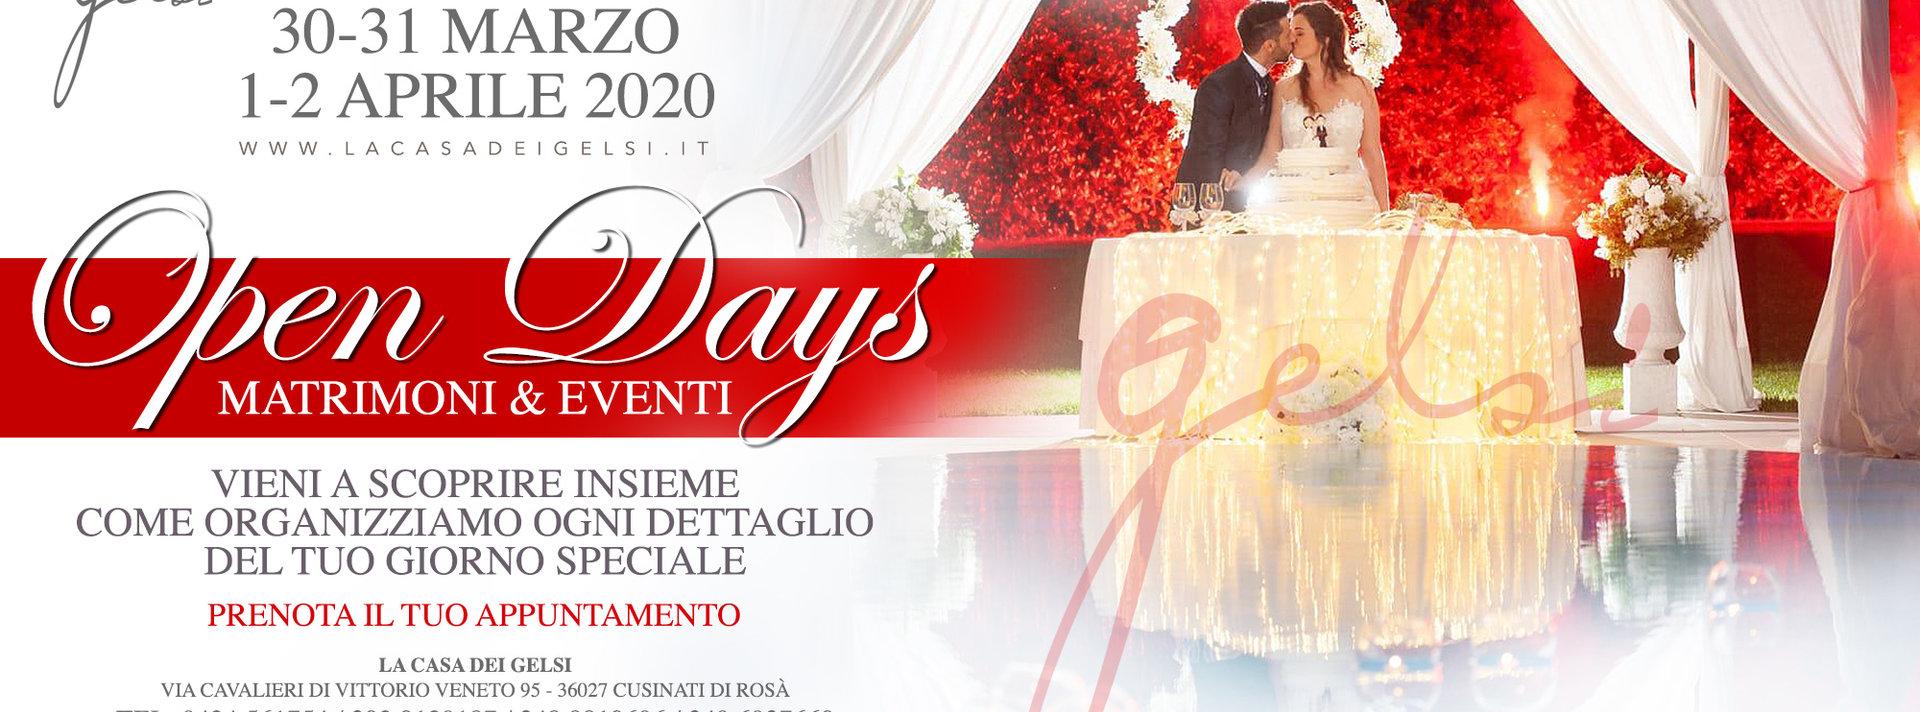 Open day matrimoni 2020 alla Casa dei Gelsi